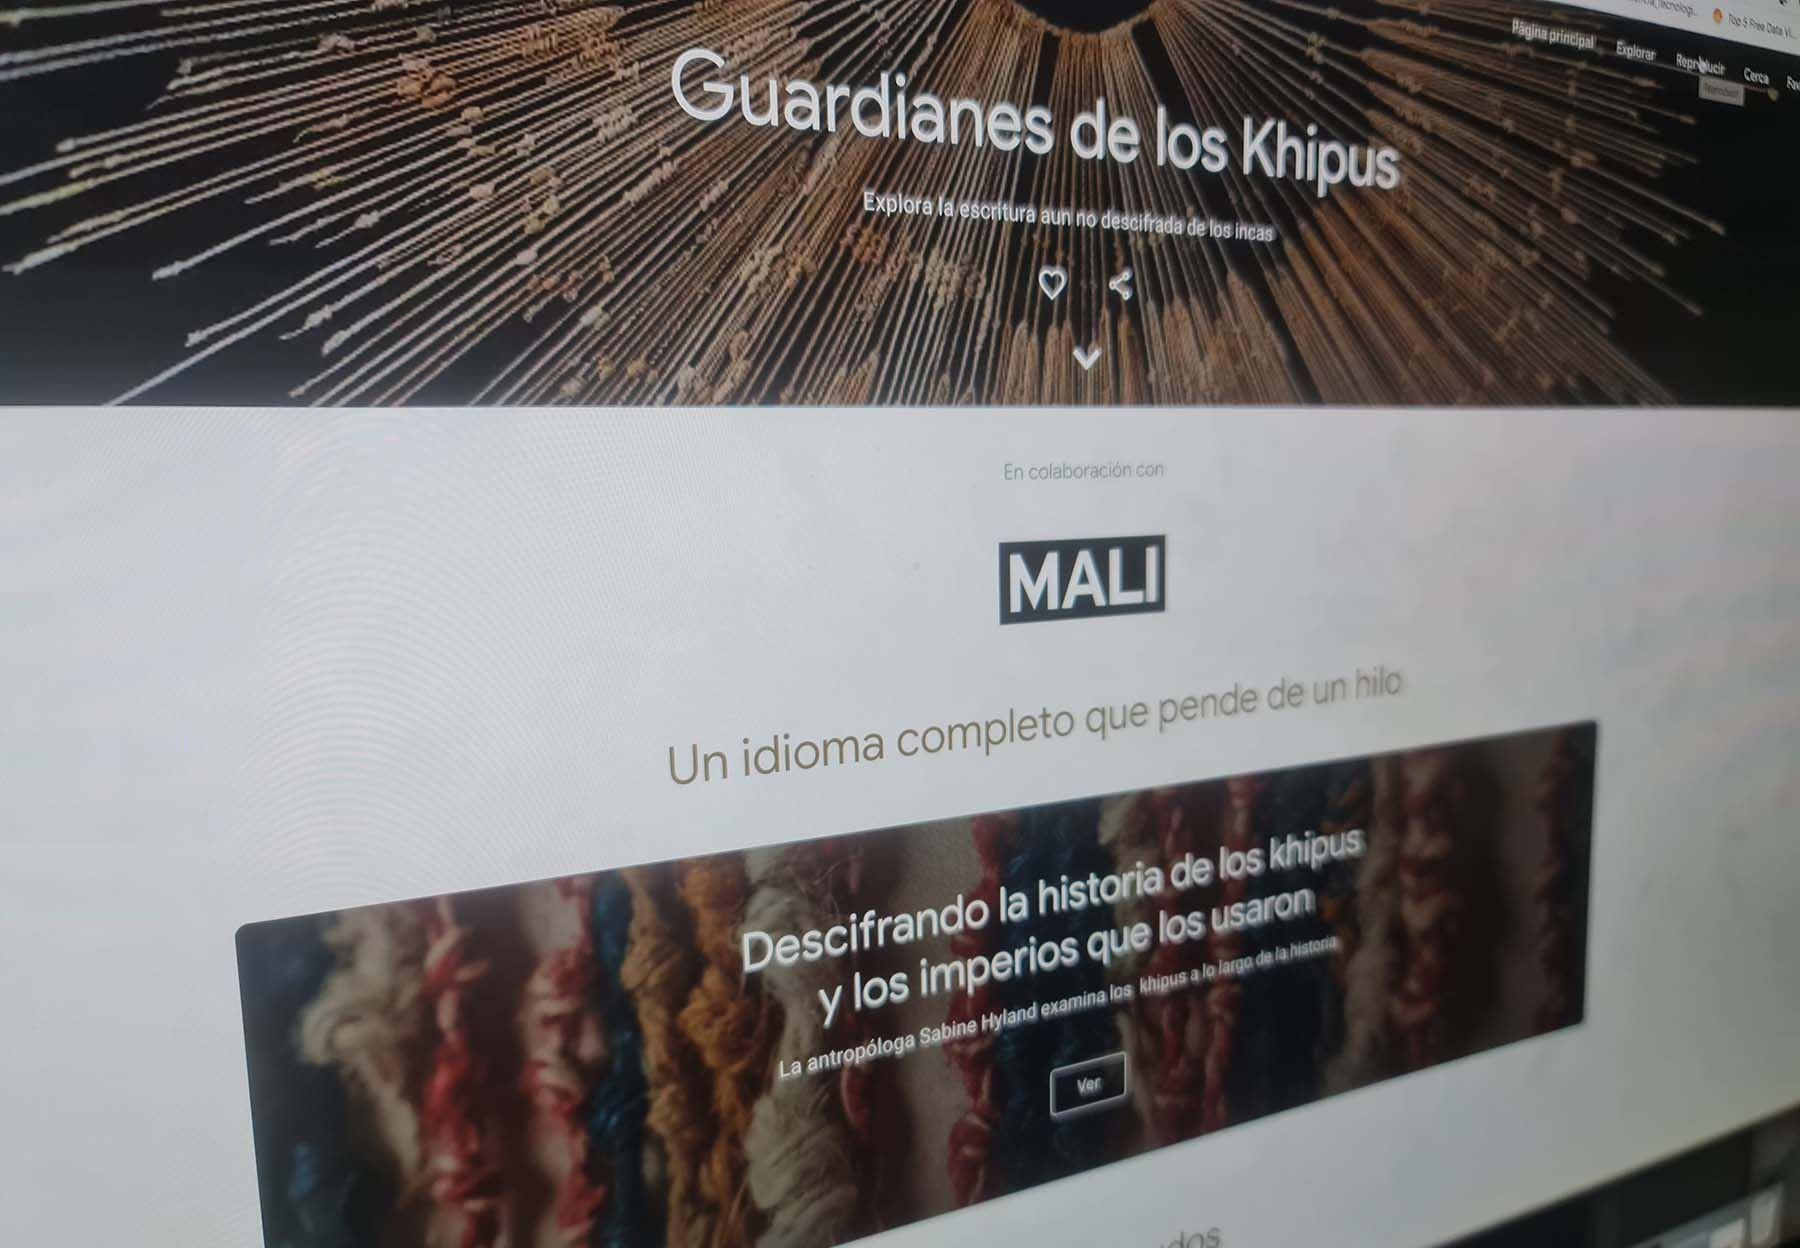 En la actualidad, se conservan unos 1000 khipus que están distribuidos entre colecciones privadas y museos de todo el mundo.